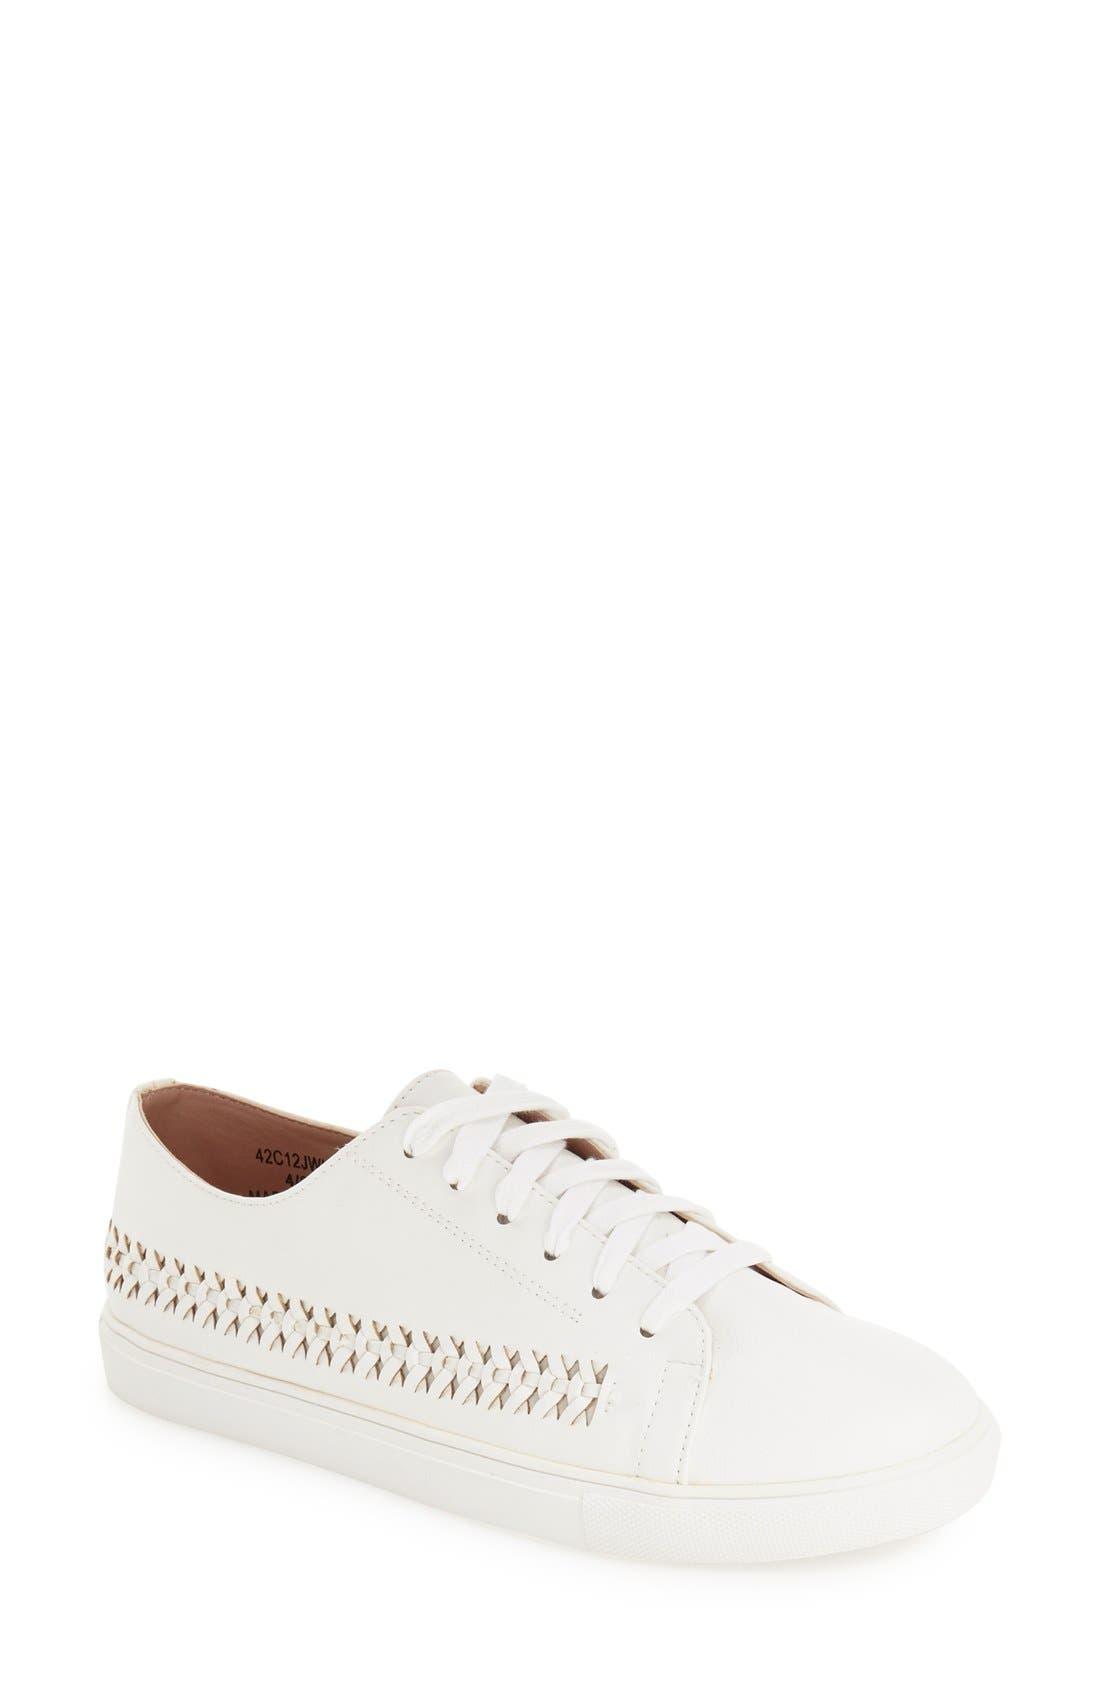 Main Image - Topshop 'Conner Plait' Sneaker (Women)